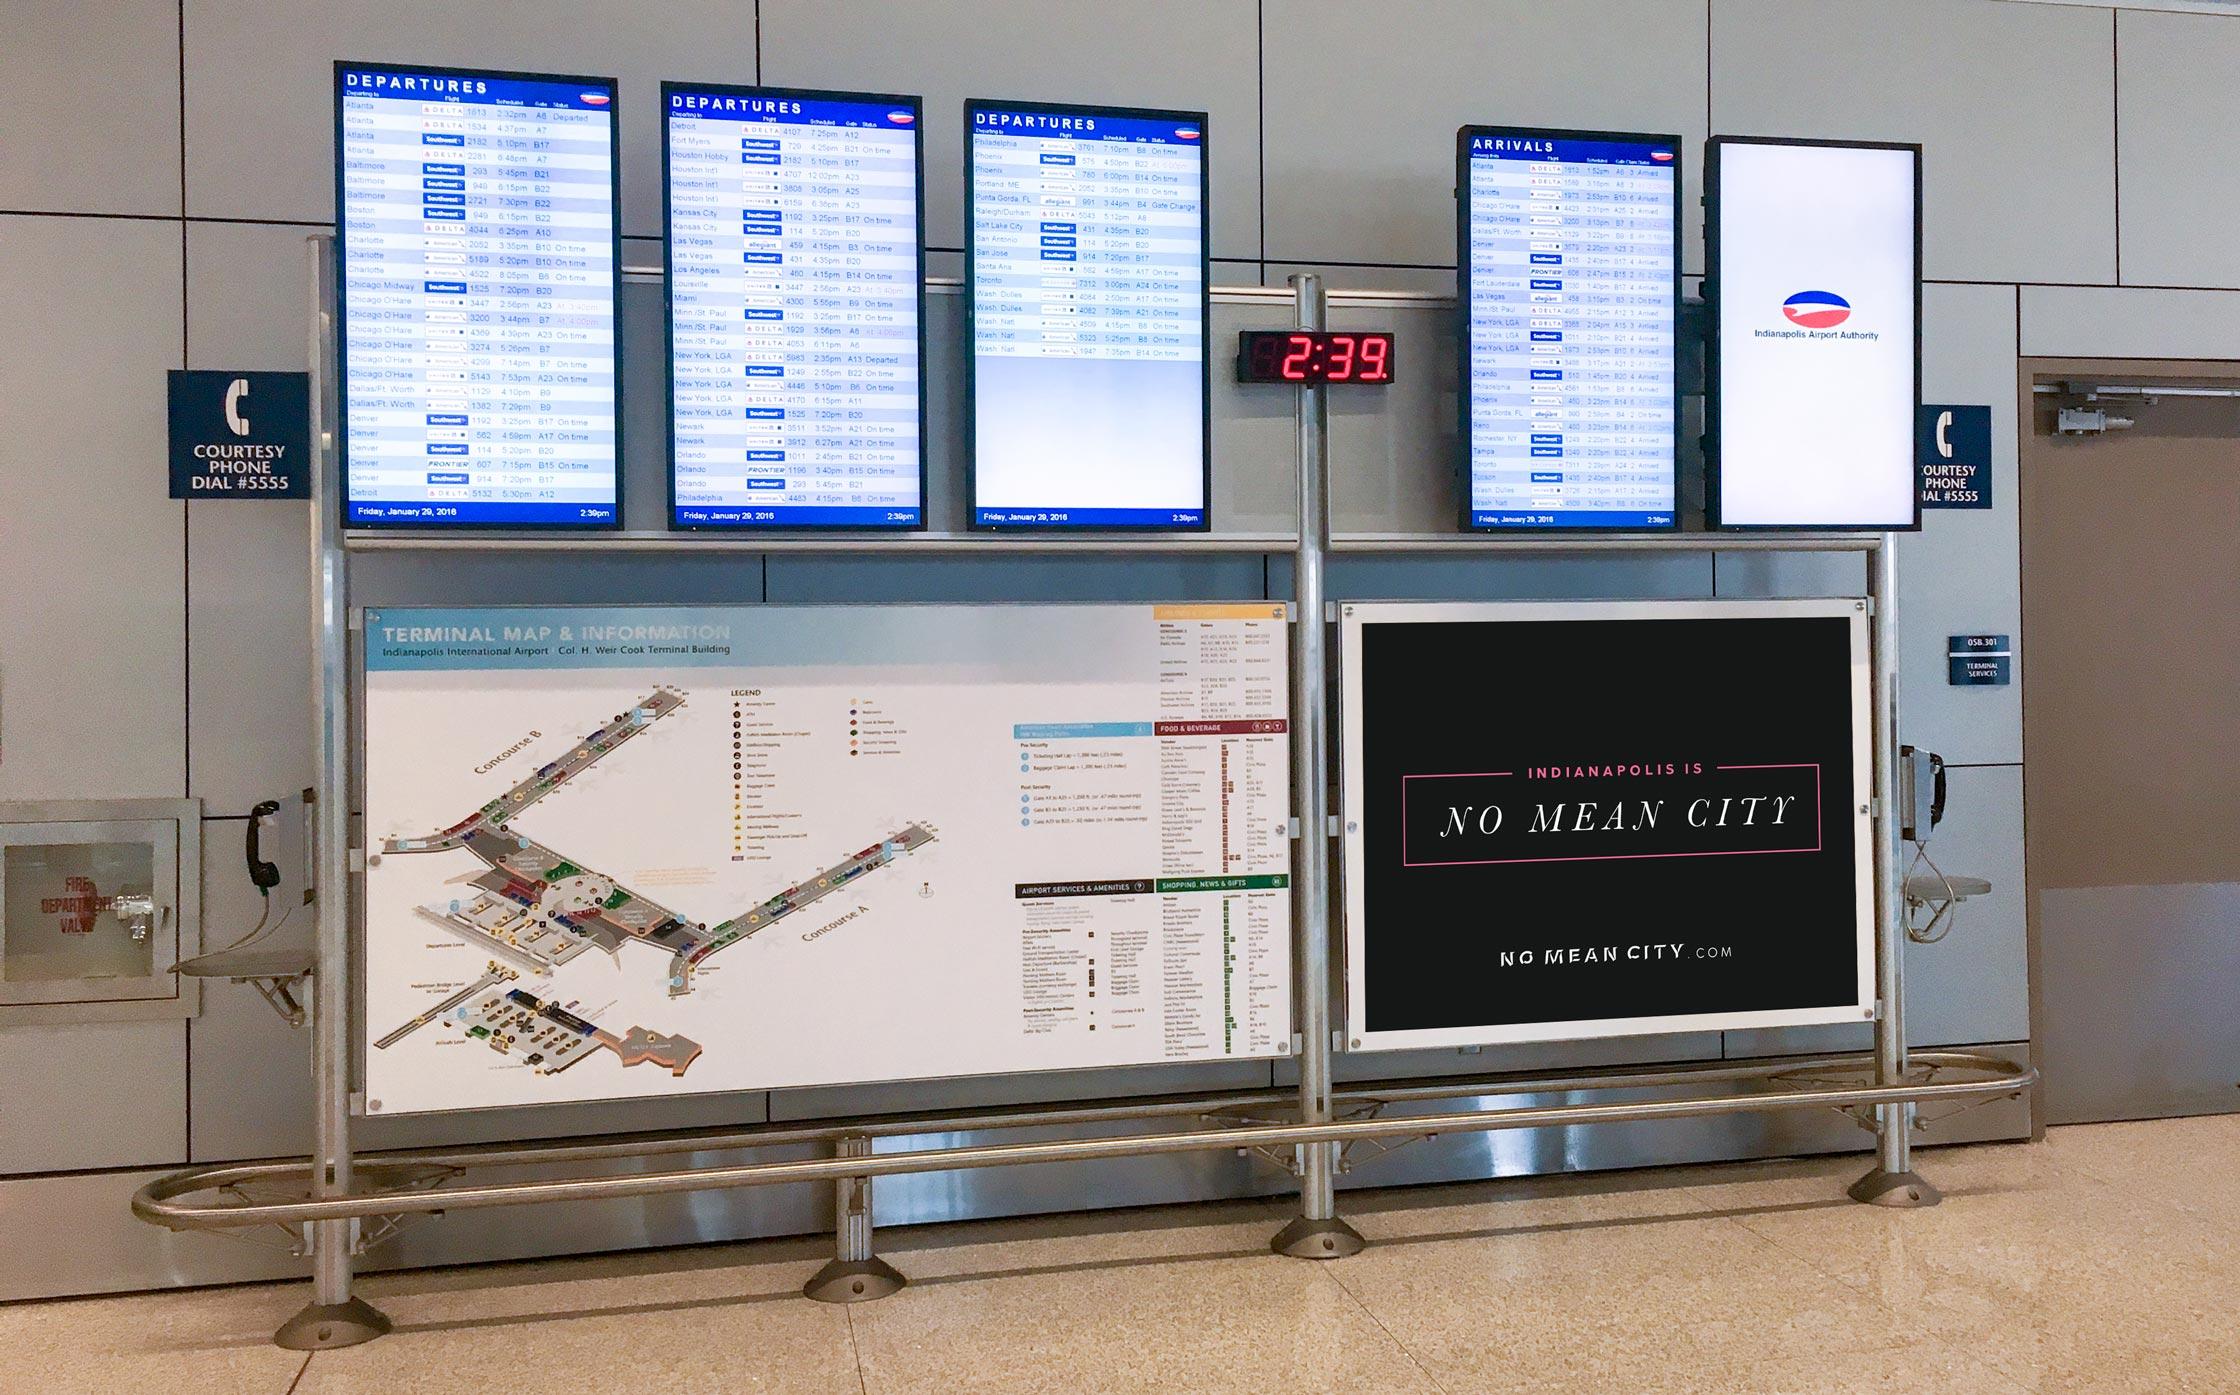 No Mean City Airport Boards